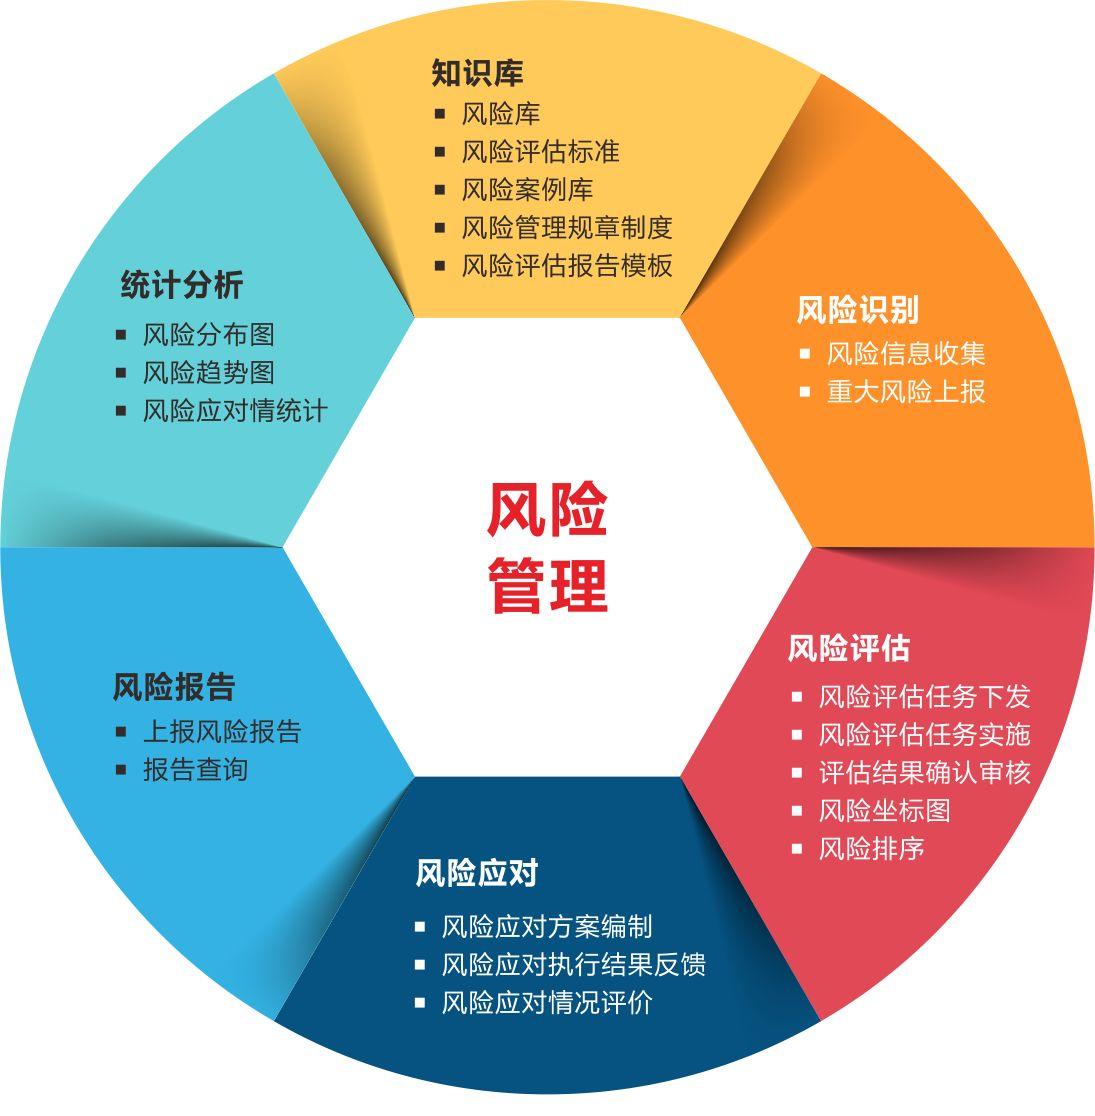 11月16-17日【南京】《房地产投资、并购、合作开发全流程风险管理、核心要点及实操案例》